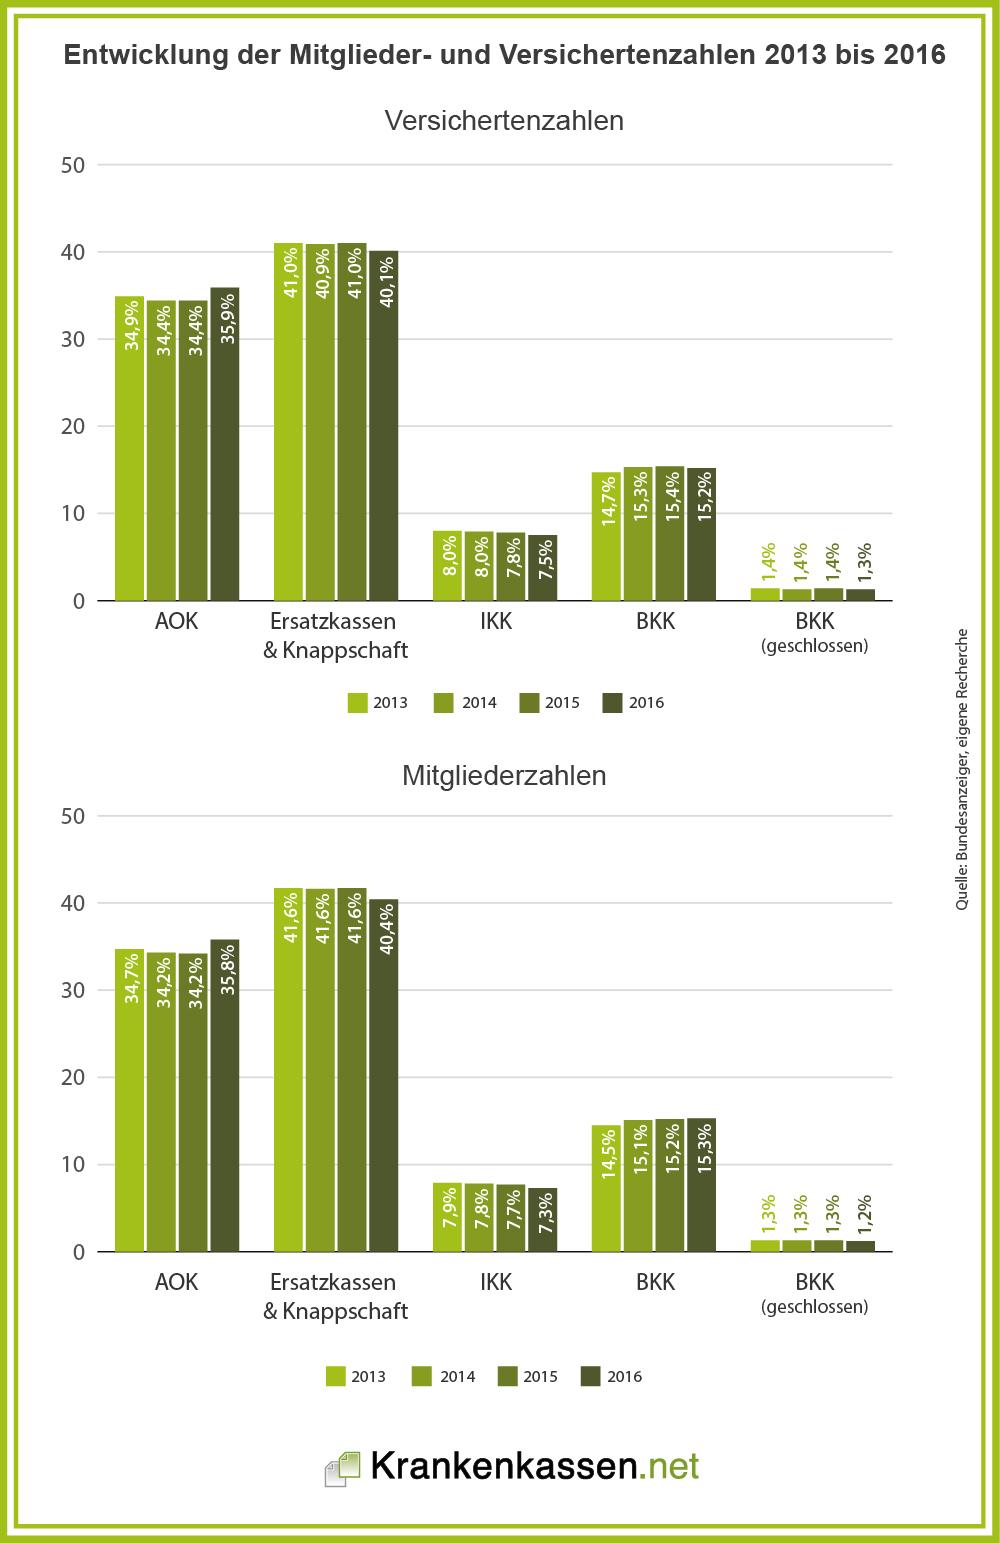 Entwicklung der Verteilung der Mitglieder und Versicherten in der GKV 2013 bis 2016